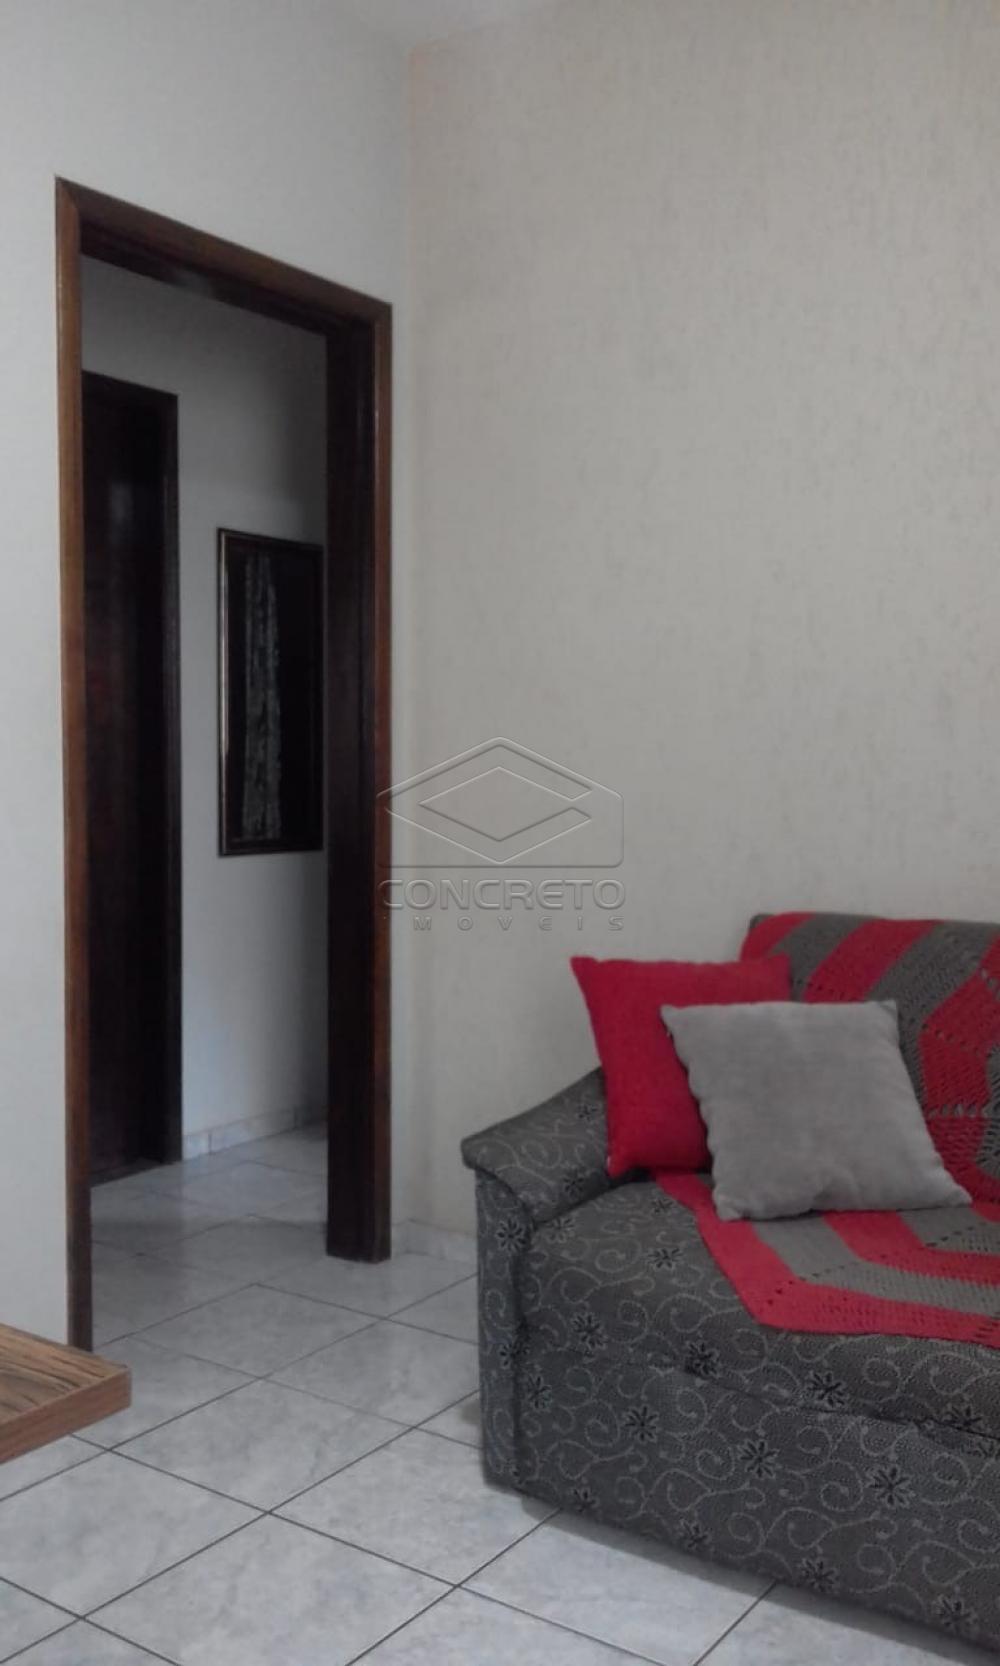 Comprar Casa / Padrão em Bauru apenas R$ 200.000,00 - Foto 7